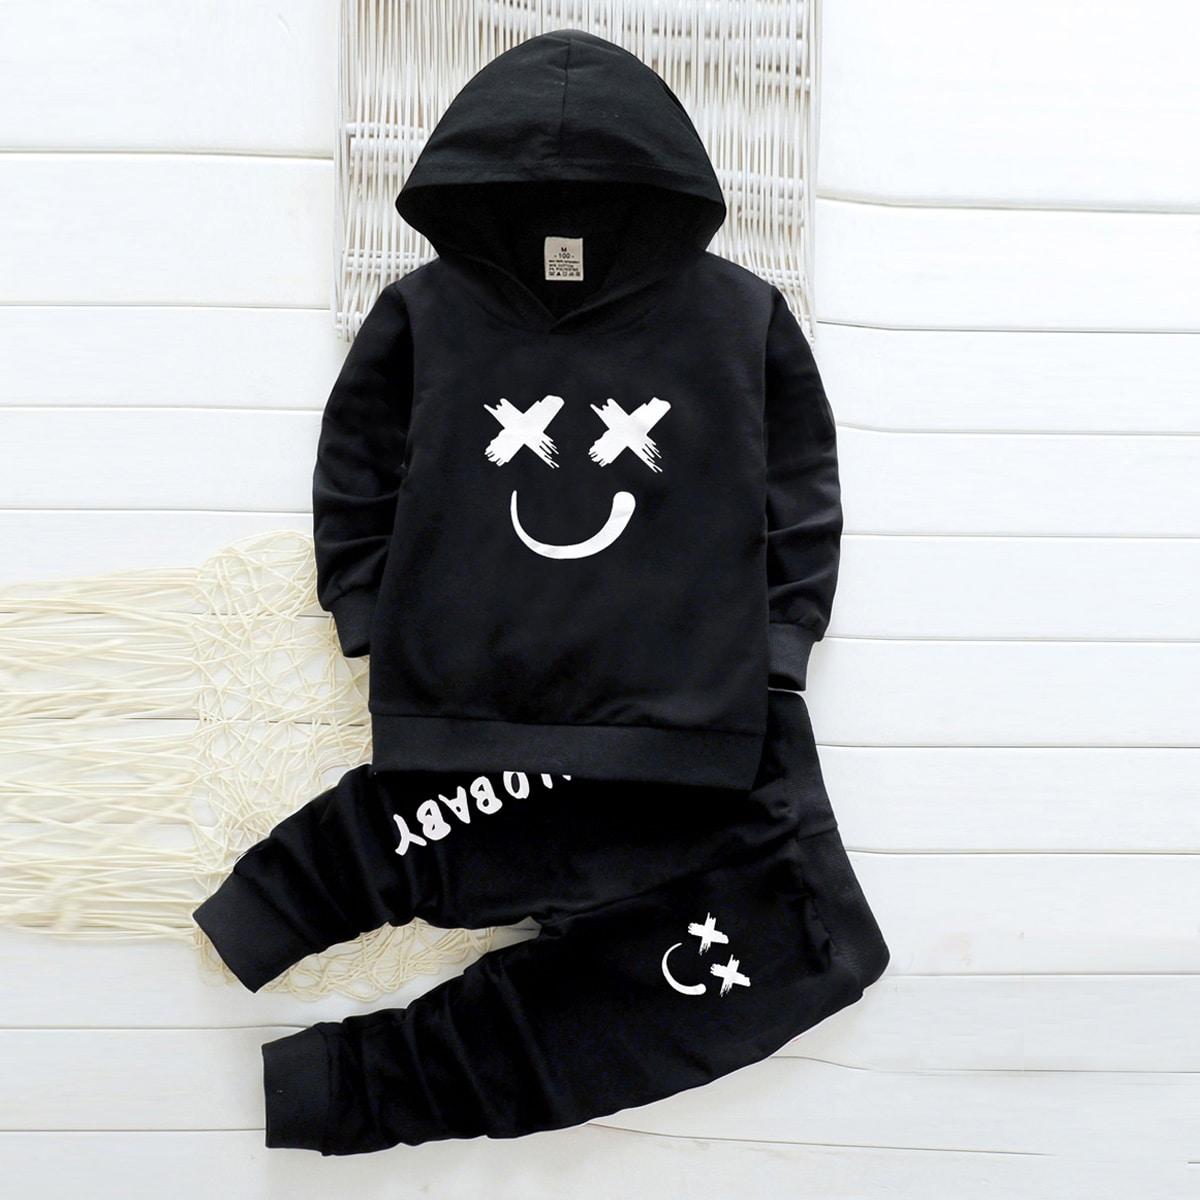 Спортивные брюки и толстовка с мультяшным принтом для мальчиков от SHEIN